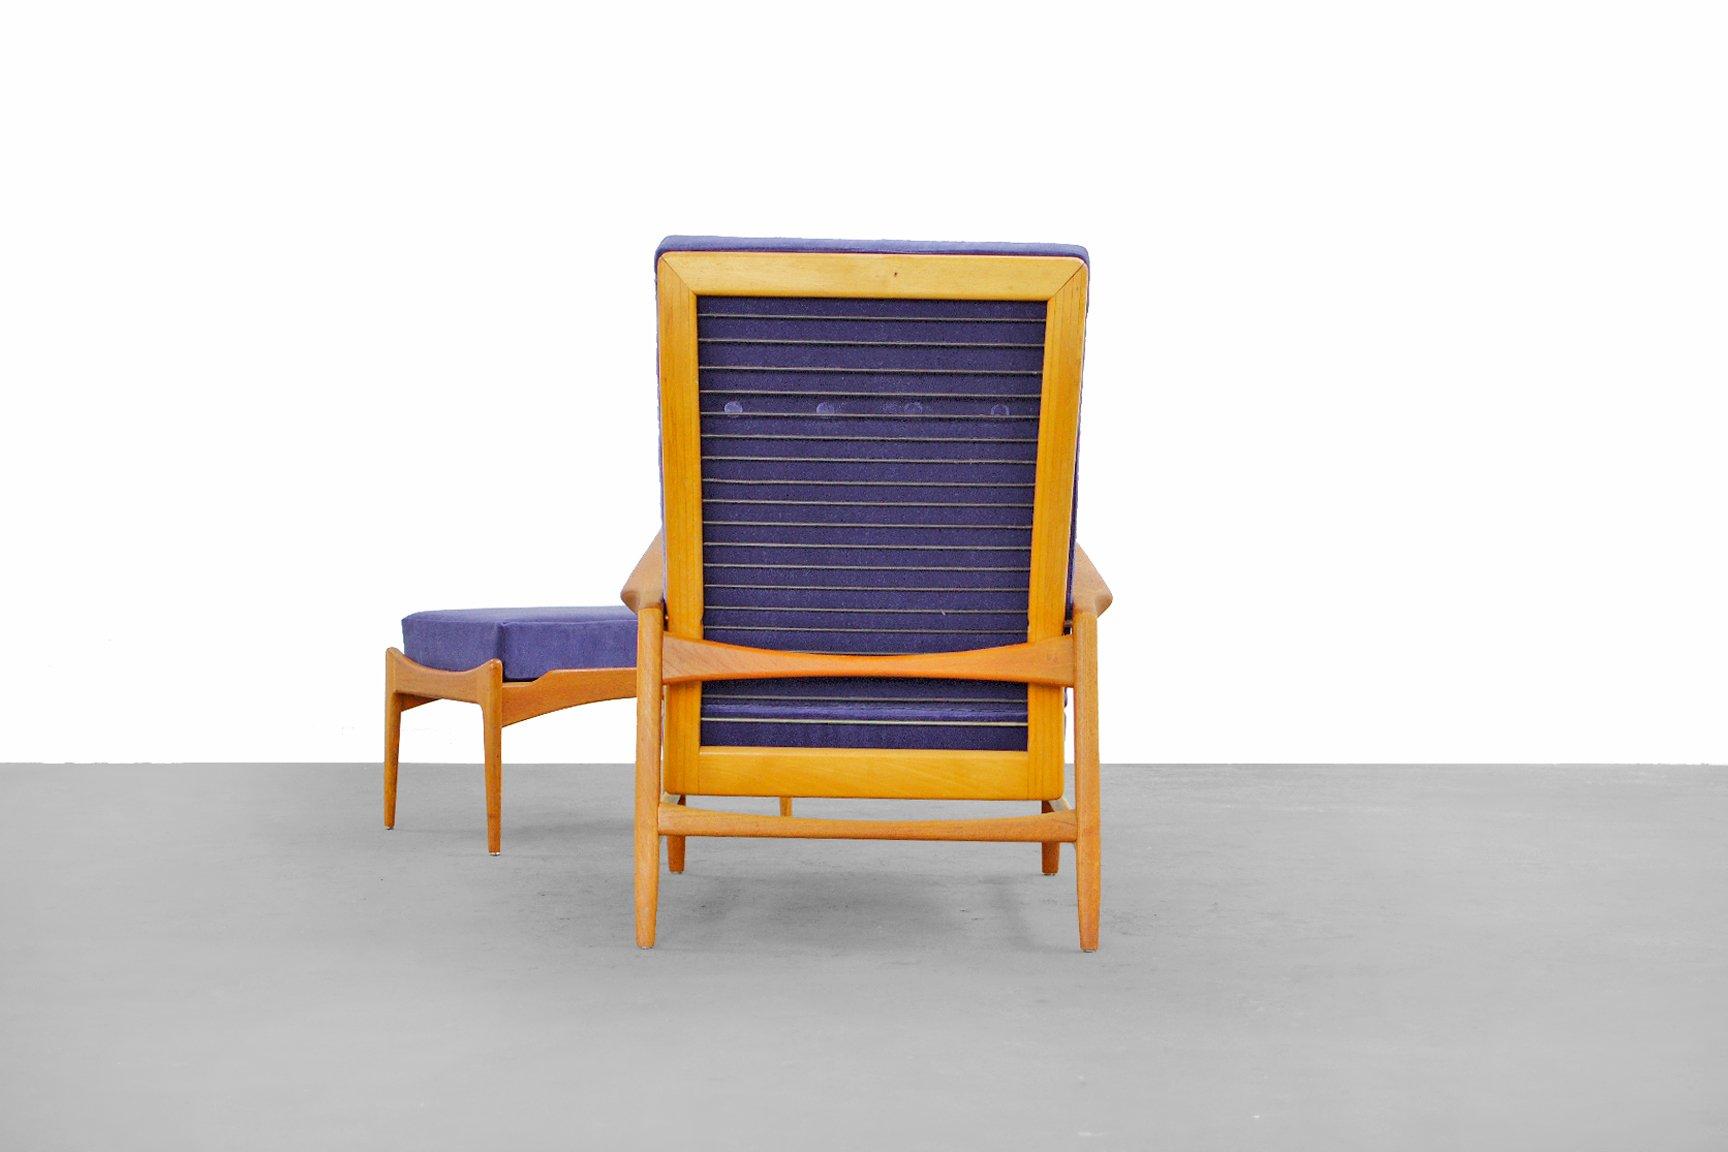 Selig chair and ottoman - Price 3 351 00 Regular Price 5 065 00